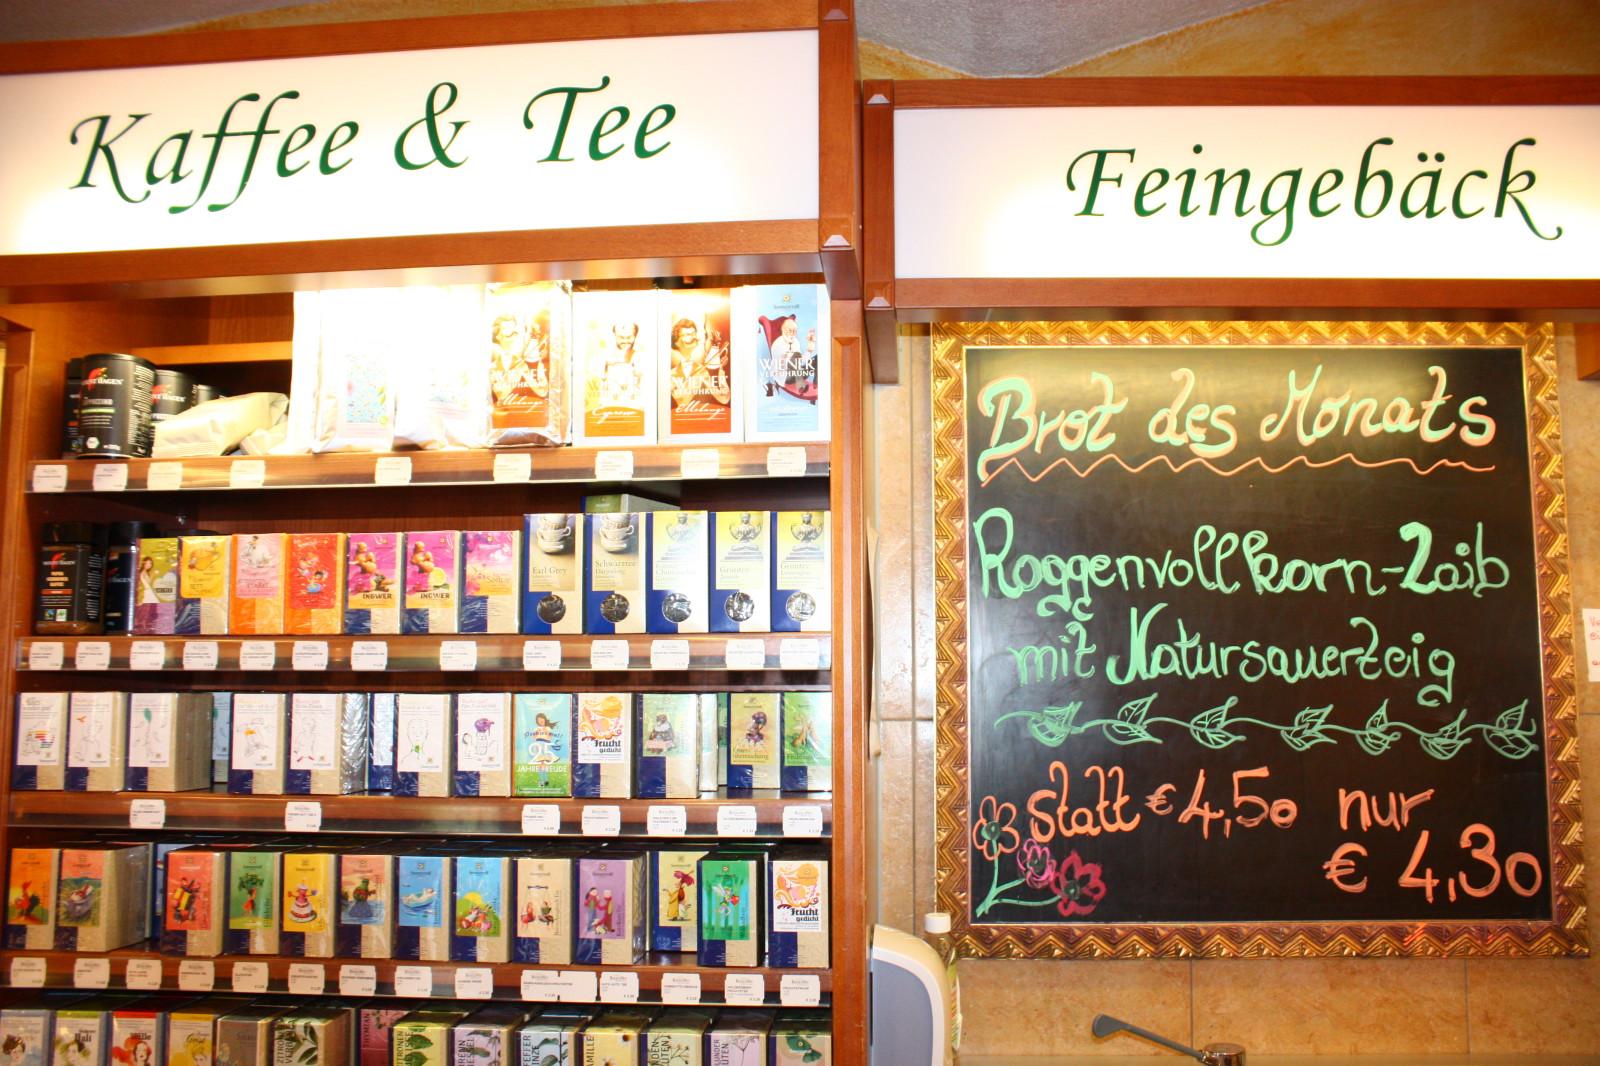 Kaffee- und Tee-Sortiment; natürlich Fair Trade